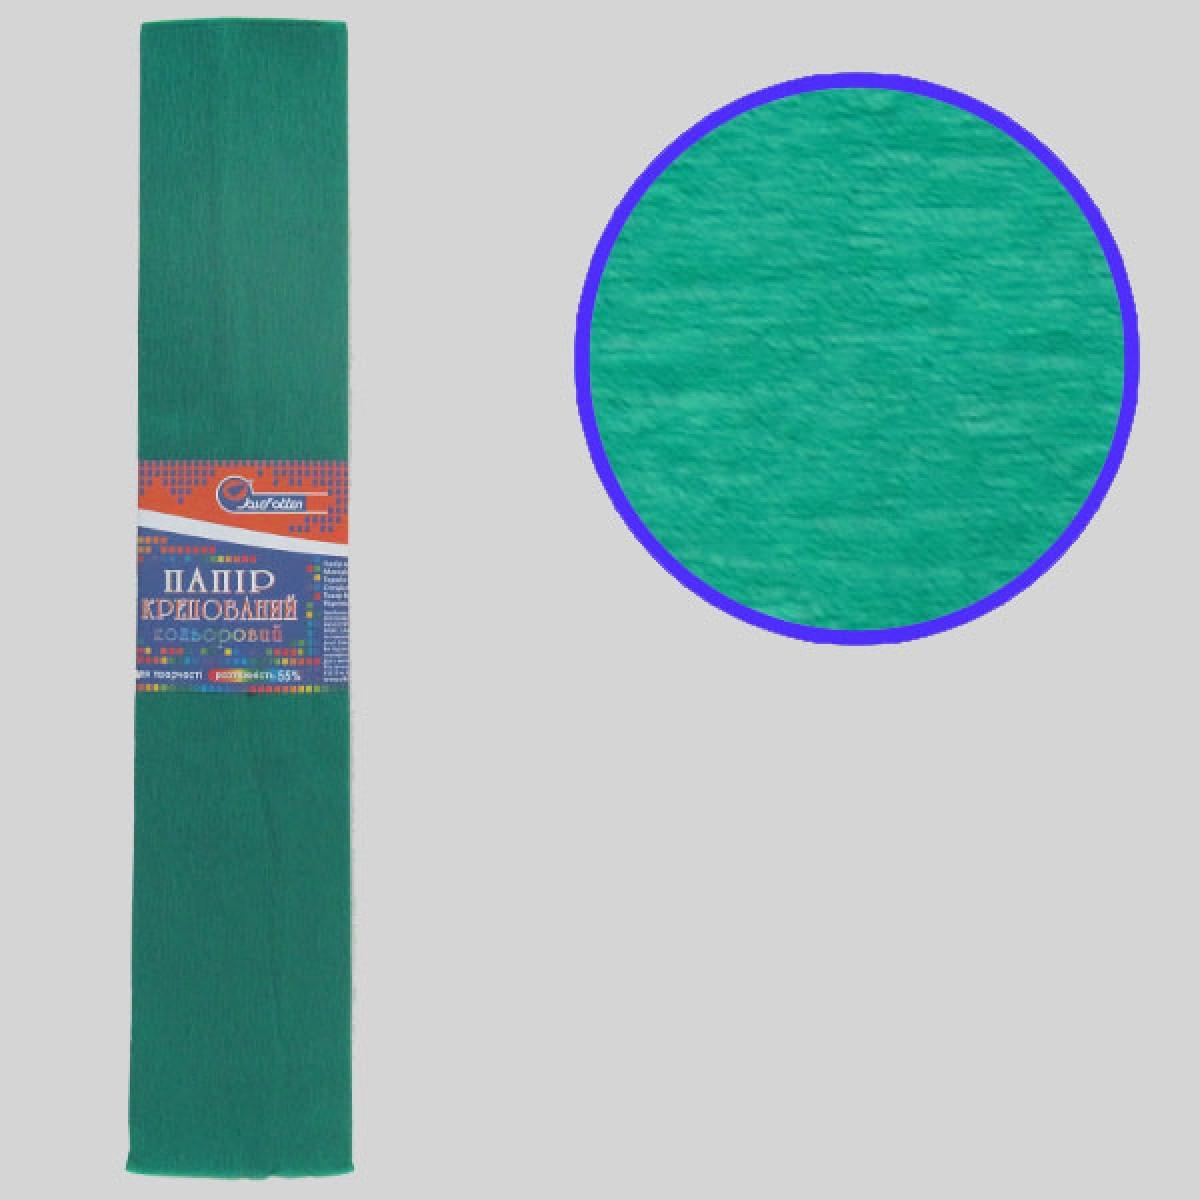 Креповая бумага 55%, изумрудный KR55-8010